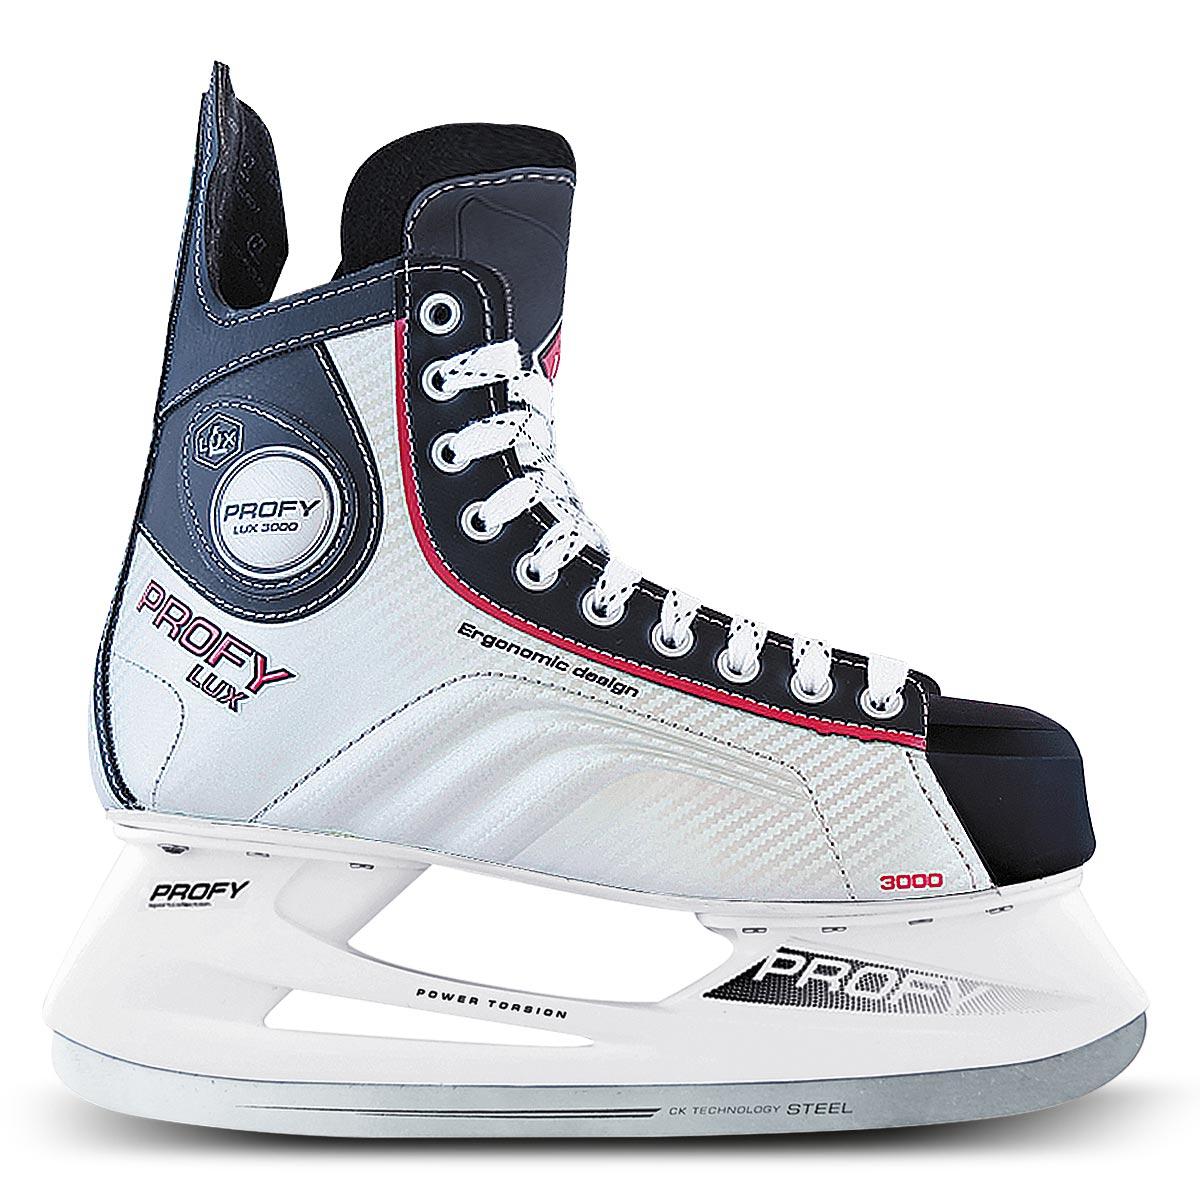 Коньки хоккейные для мальчика СК Profy Lux 3000, цвет: черный, серебряный, красный. Размер 35PROFY LUX 3000 Red_черный, серебряный_35Коньки хоккейные мужские СК Profy Lux 3000 прекрасно подойдут для профессиональных игроков в хоккей. Ботинок выполнен из морозоустойчивой искусственной кожи и специального резистентного ПВХ, а язычок - из двухслойного войлока и искусственной кожи. Слоевая композитная технология позволила изготовить ботинок, полностью обволакивающий ногу. Это обеспечивает прочную и удобную фиксацию ноги, повышает защиту от ударов. Ботинок изготовлен с учетом антропометрии стоп россиян, что обеспечивает комфорт и устойчивость ноги, правильное распределение нагрузки, сильно снижает травмоопасность. Конструкция носка ботинка, изготовленного из ударопрочного энергопоглощающего термопластичного полиуретана Hytrel® (DuPont), обеспечивает увеличенную надежность защиты передней части ступни от ударов. Усиленные боковины ботинка из формованного PVC укрепляют боковую часть ботинка и дополнительно защищают ступню от ударов за счет поглощения энергии. Тип застежки ботинок – классическая шнуровка. Стелька из упругого пенного полимерного материала EVA гарантирует комфортное положение ноги в ботинке, обеспечивает быструю адаптацию ботинка к индивидуальным формам ноги, не теряет упругости при изменении температуры и не разрушается от воздействия пота и влаги. Легкая прочная низкопрофильная полимерная подошва инжекционного формования практически без потерь передает энергию от толчка ноги к лезвию – быстрее набор скорости, резче повороты и остановки, острее чувство льда. Лезвие из нержавеющей стали 420J обеспечит превосходное скольжение.